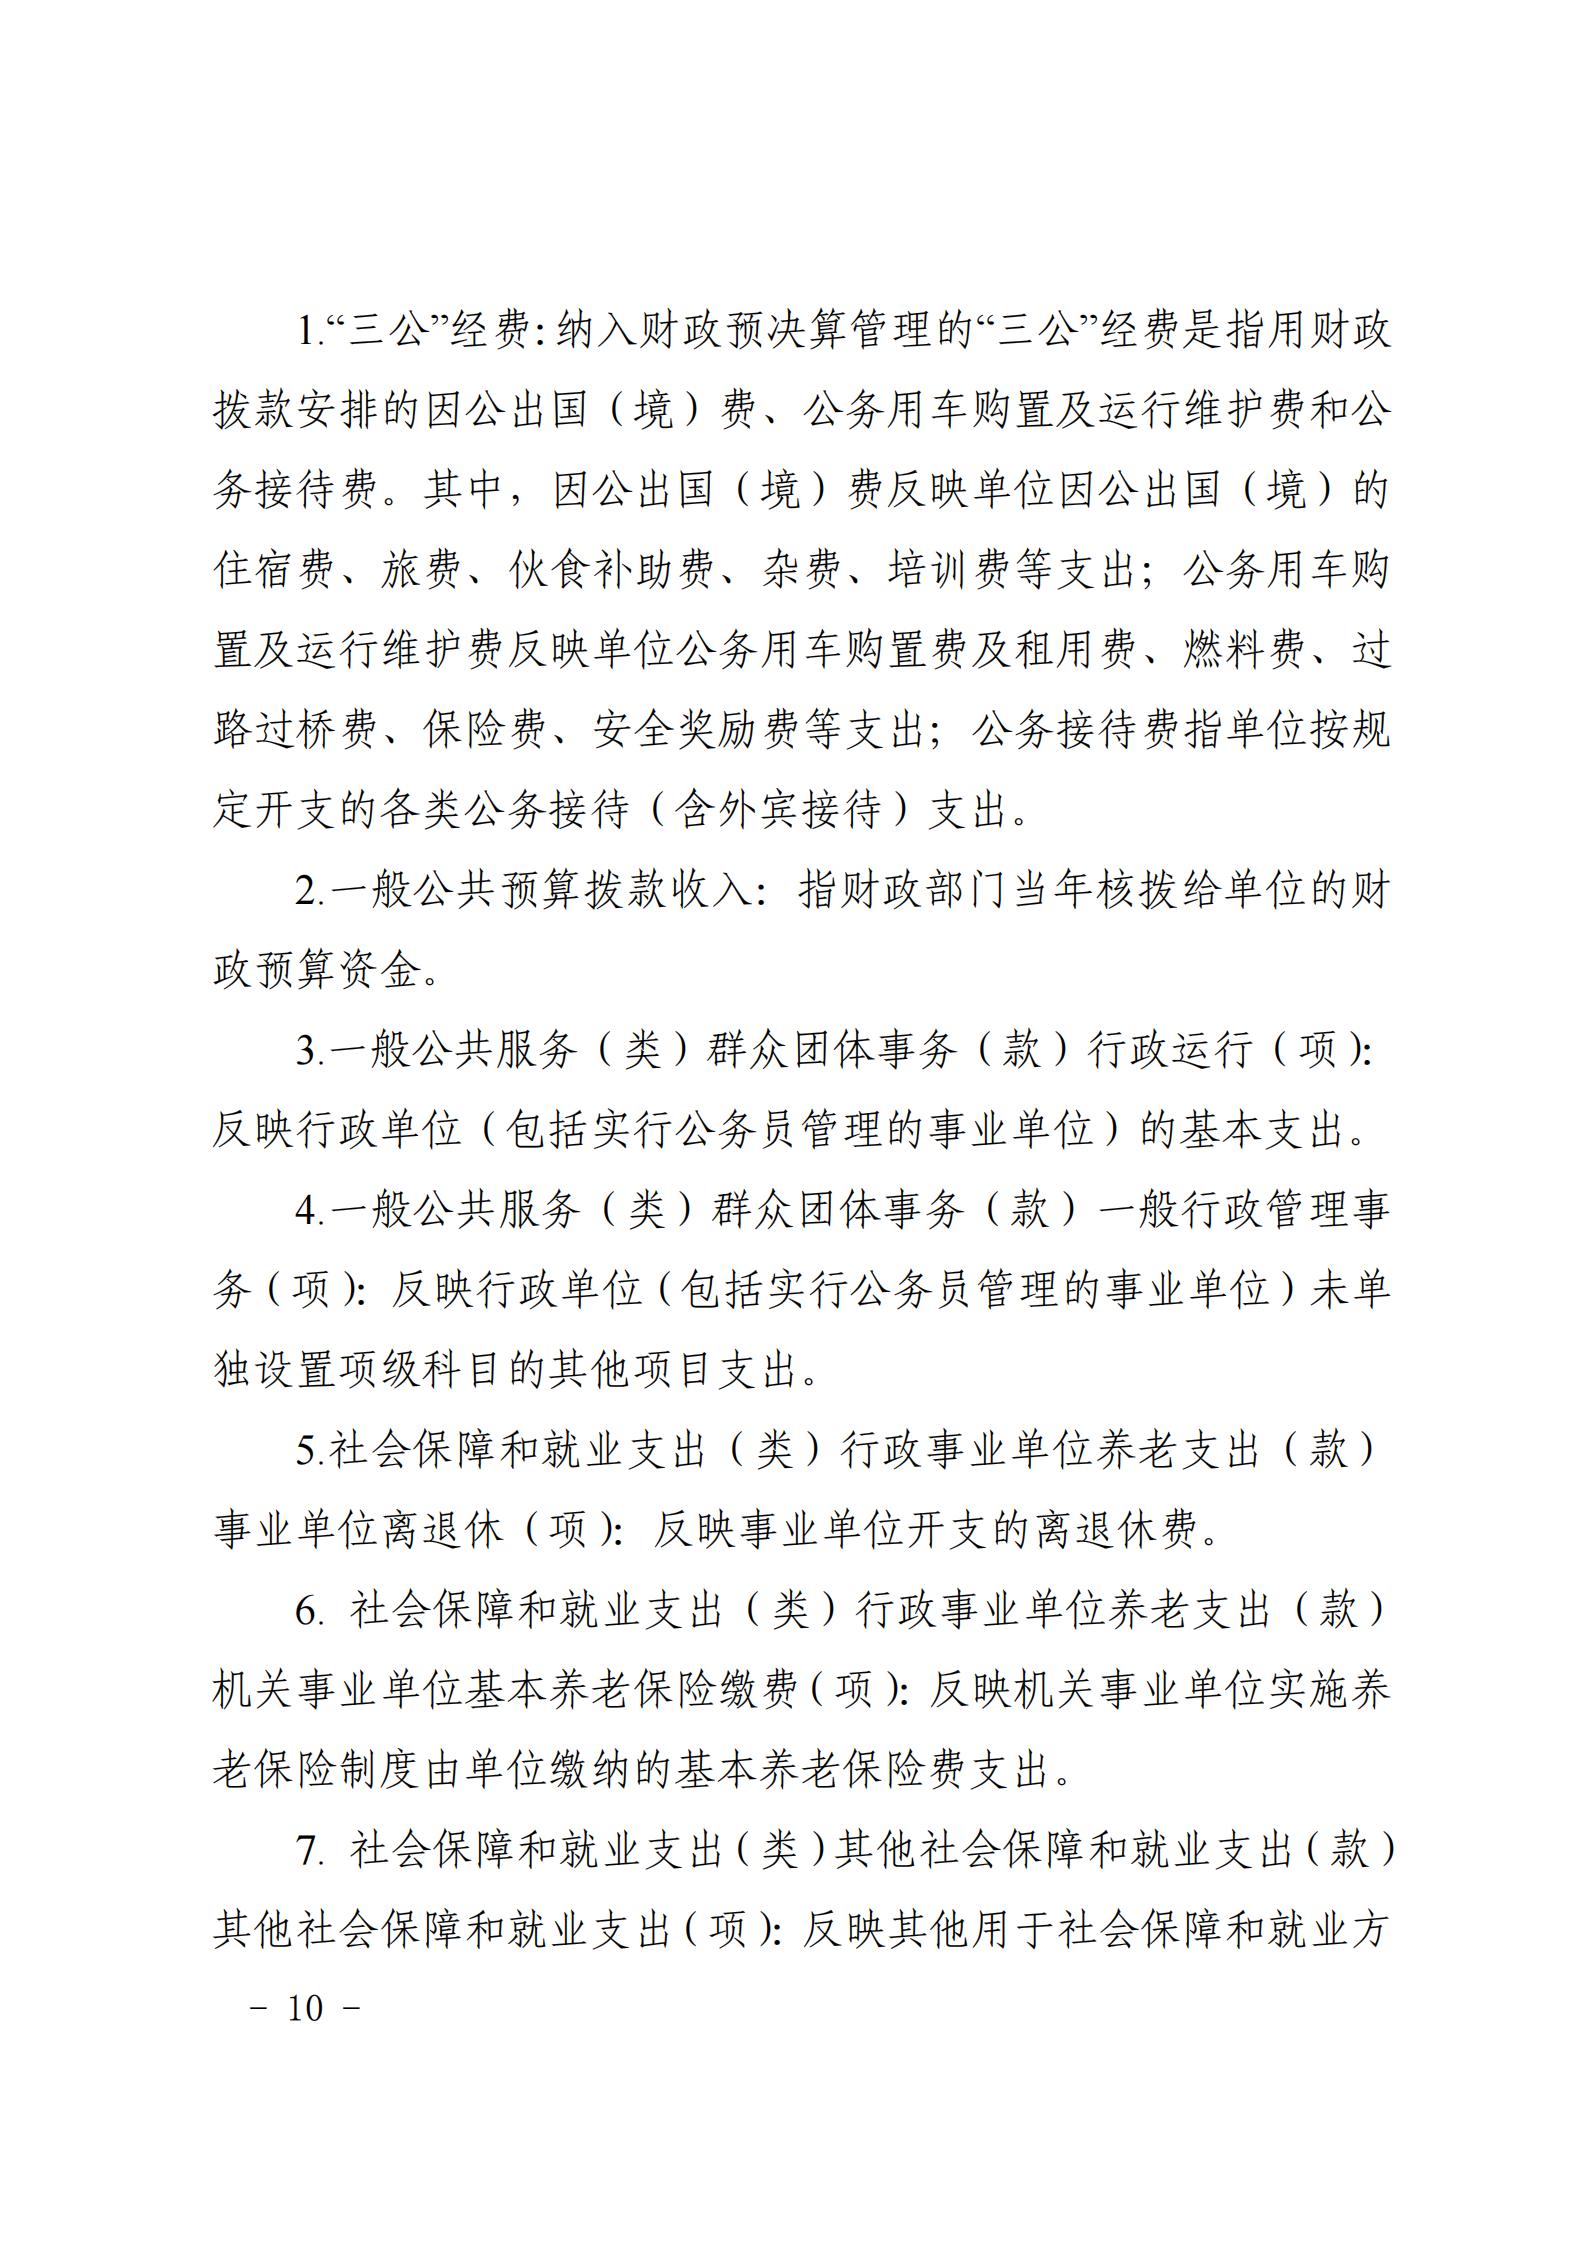 """共青团贵阳市委(本级)2021年度市级部门预算、""""三公""""经费预算公开说明(1)_09.png"""